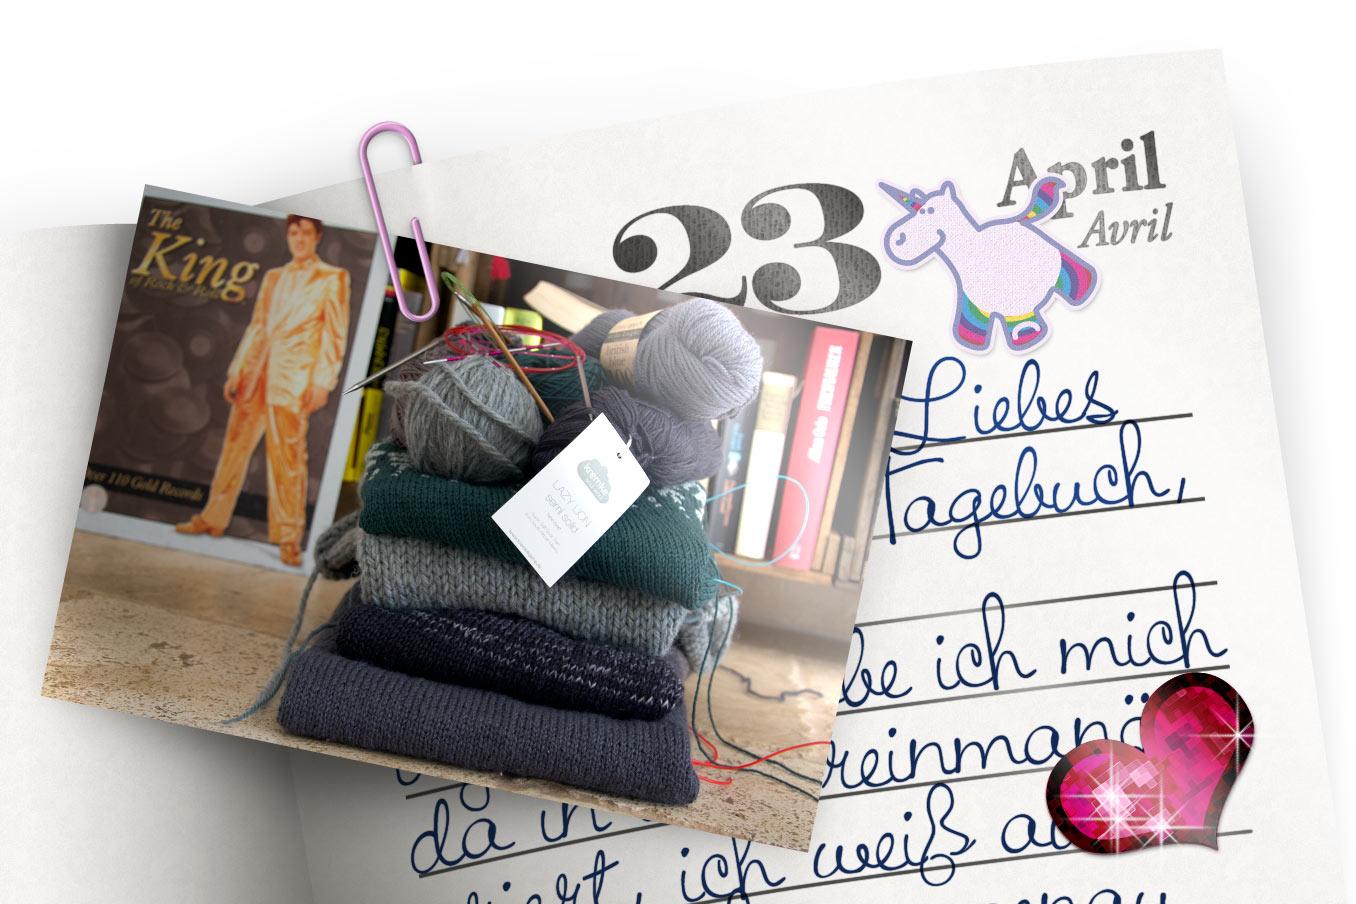 """Bild für Beitrag """"Liebes Tagebuch 20210423"""" 1"""